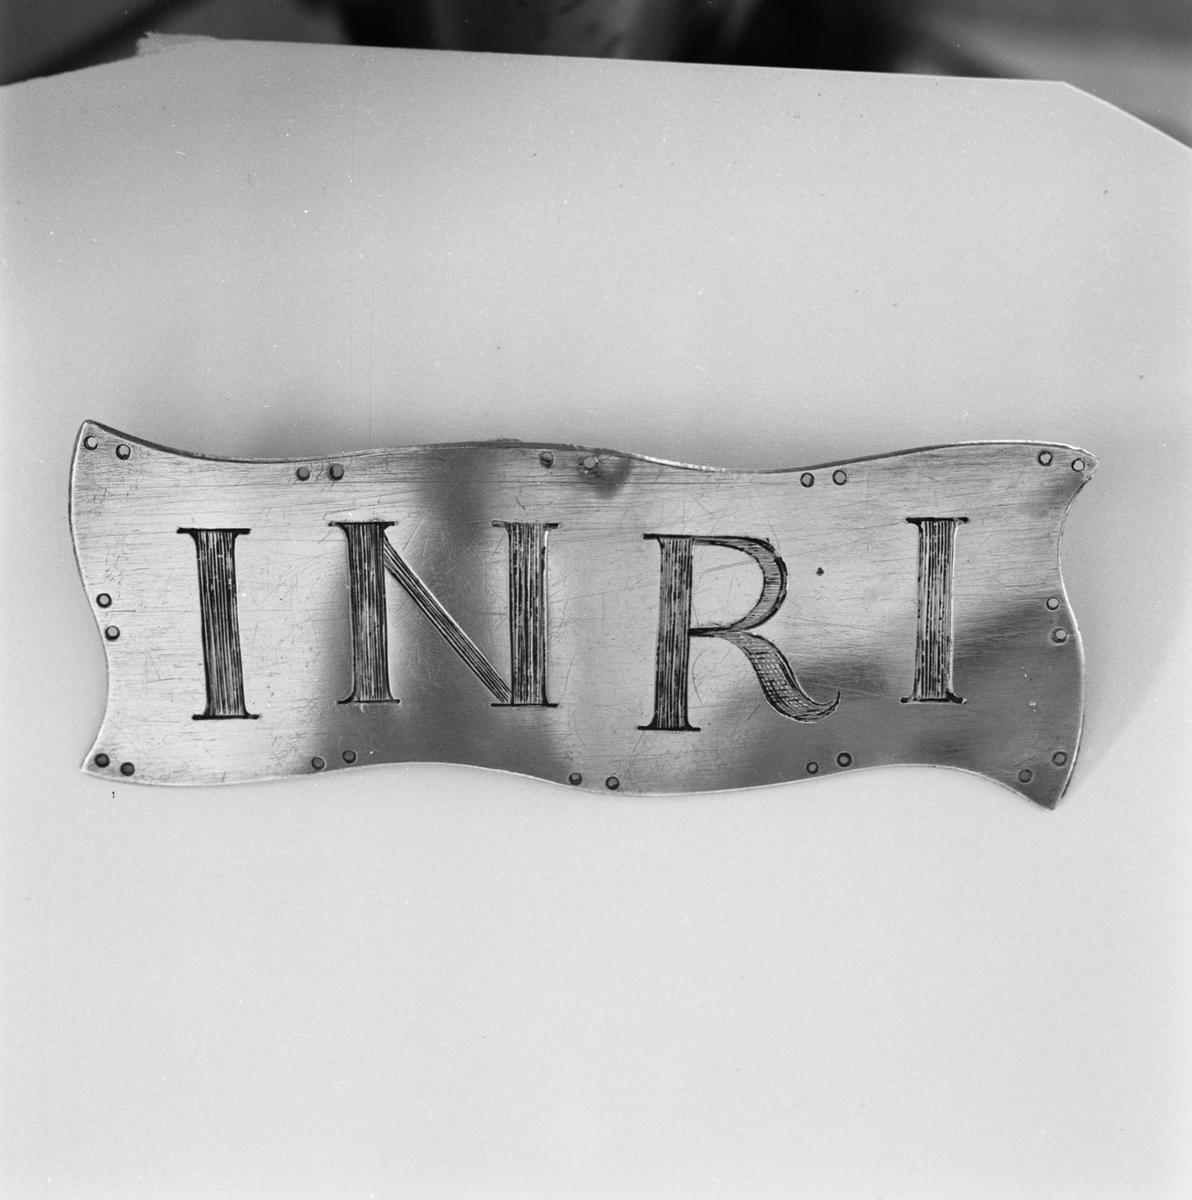 Övrigt: Fotodatum:7/8 1959 Byggnader och Kranar. Namnplåt av silver INRI. Närmast identisk bild: V16673, ej skannad